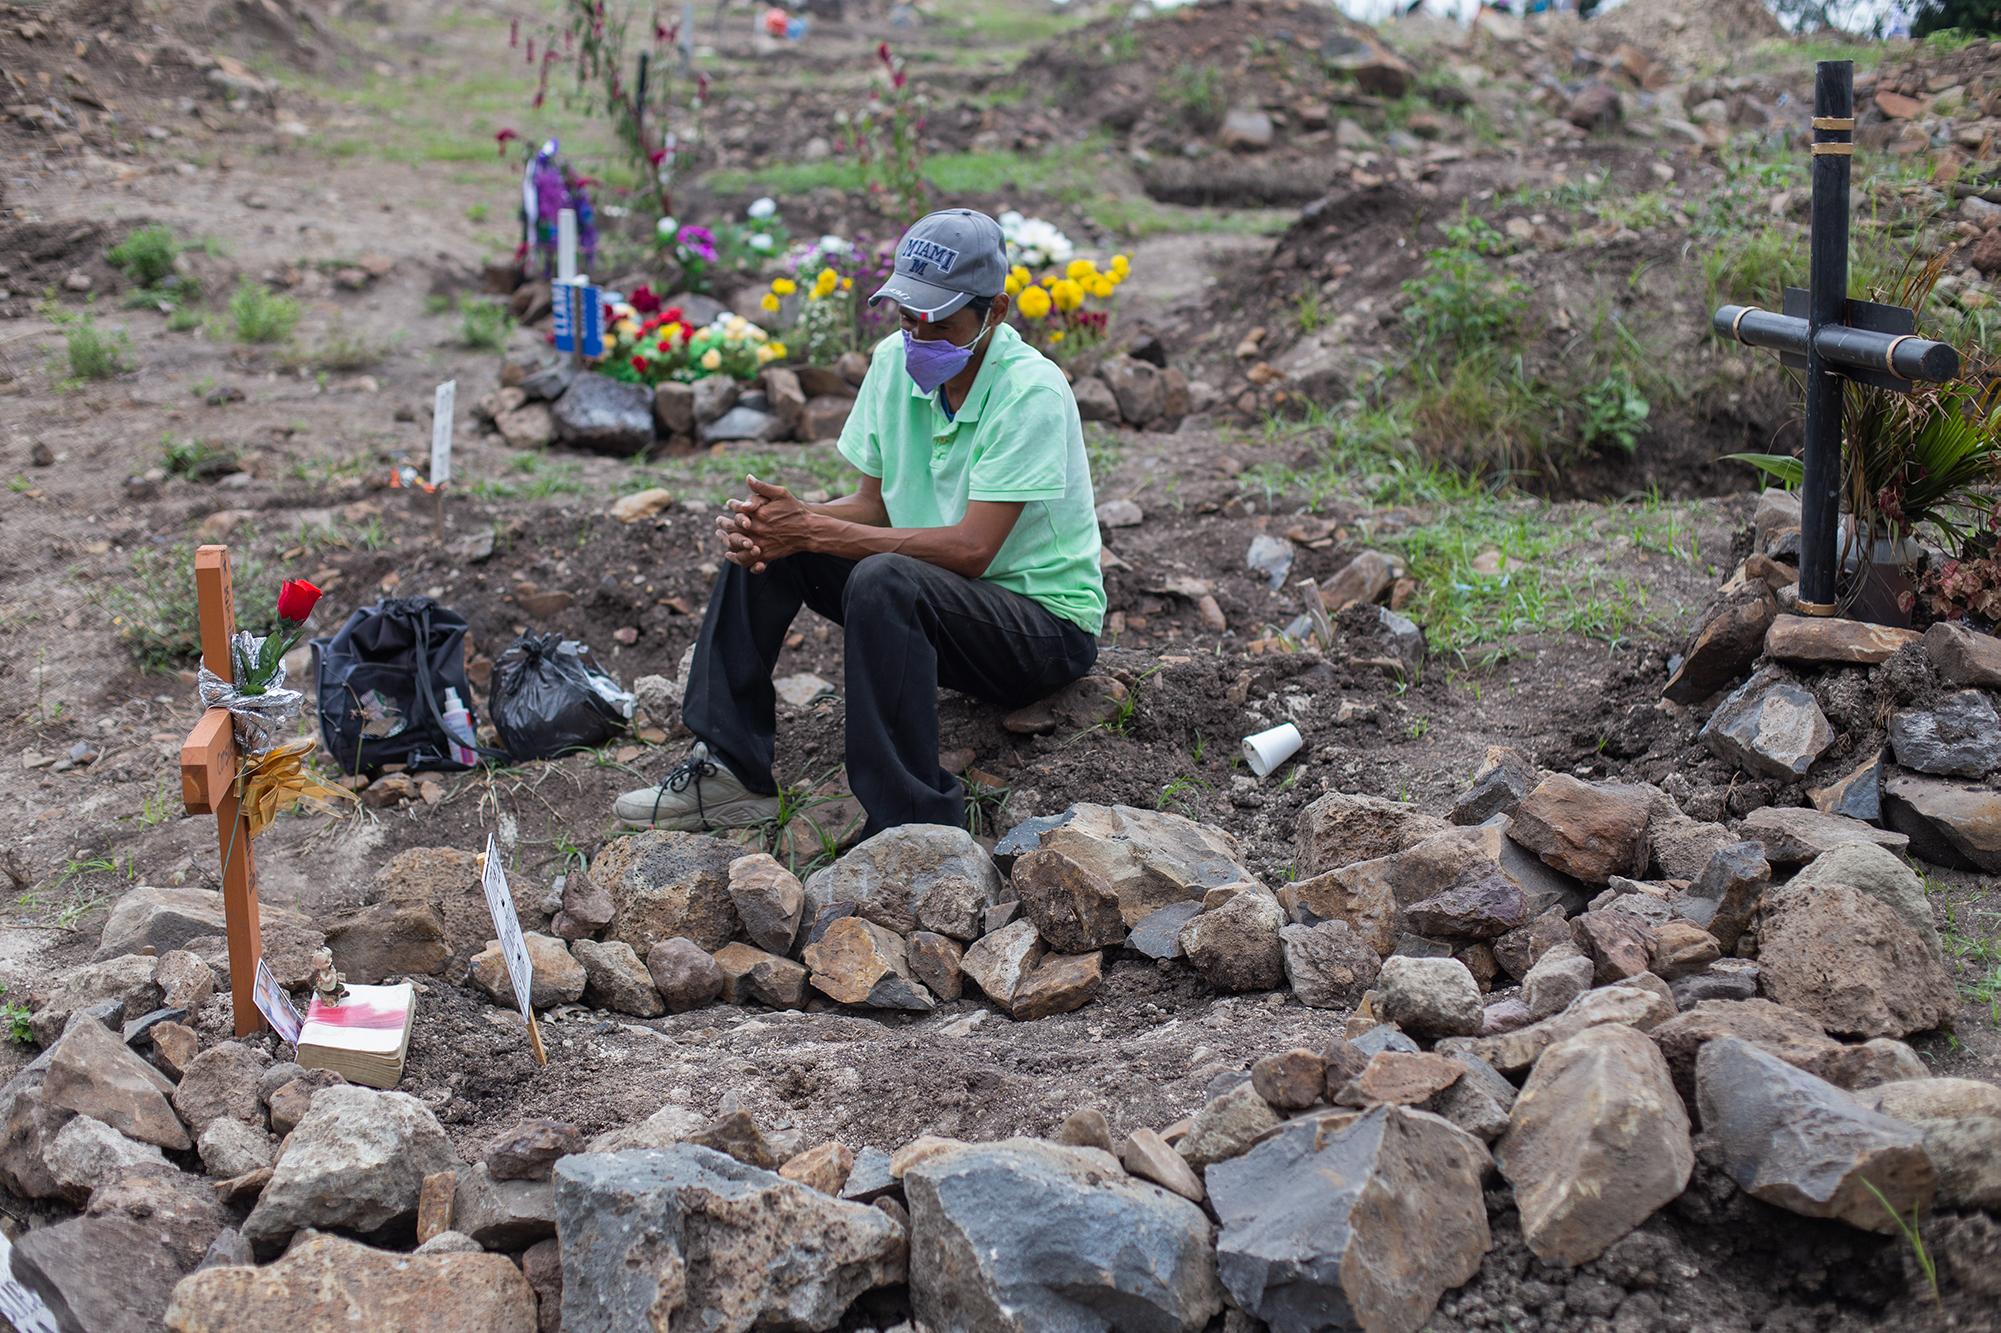 Sentado a un lado de la tumba que ha estado limpiando y adornando con piedras y recuerdos, José contempla la cruz que lleva inscrito el nombre de su madre. Comayagüela, 2 de noviembre de 2020. Foto: Martín Cálix.